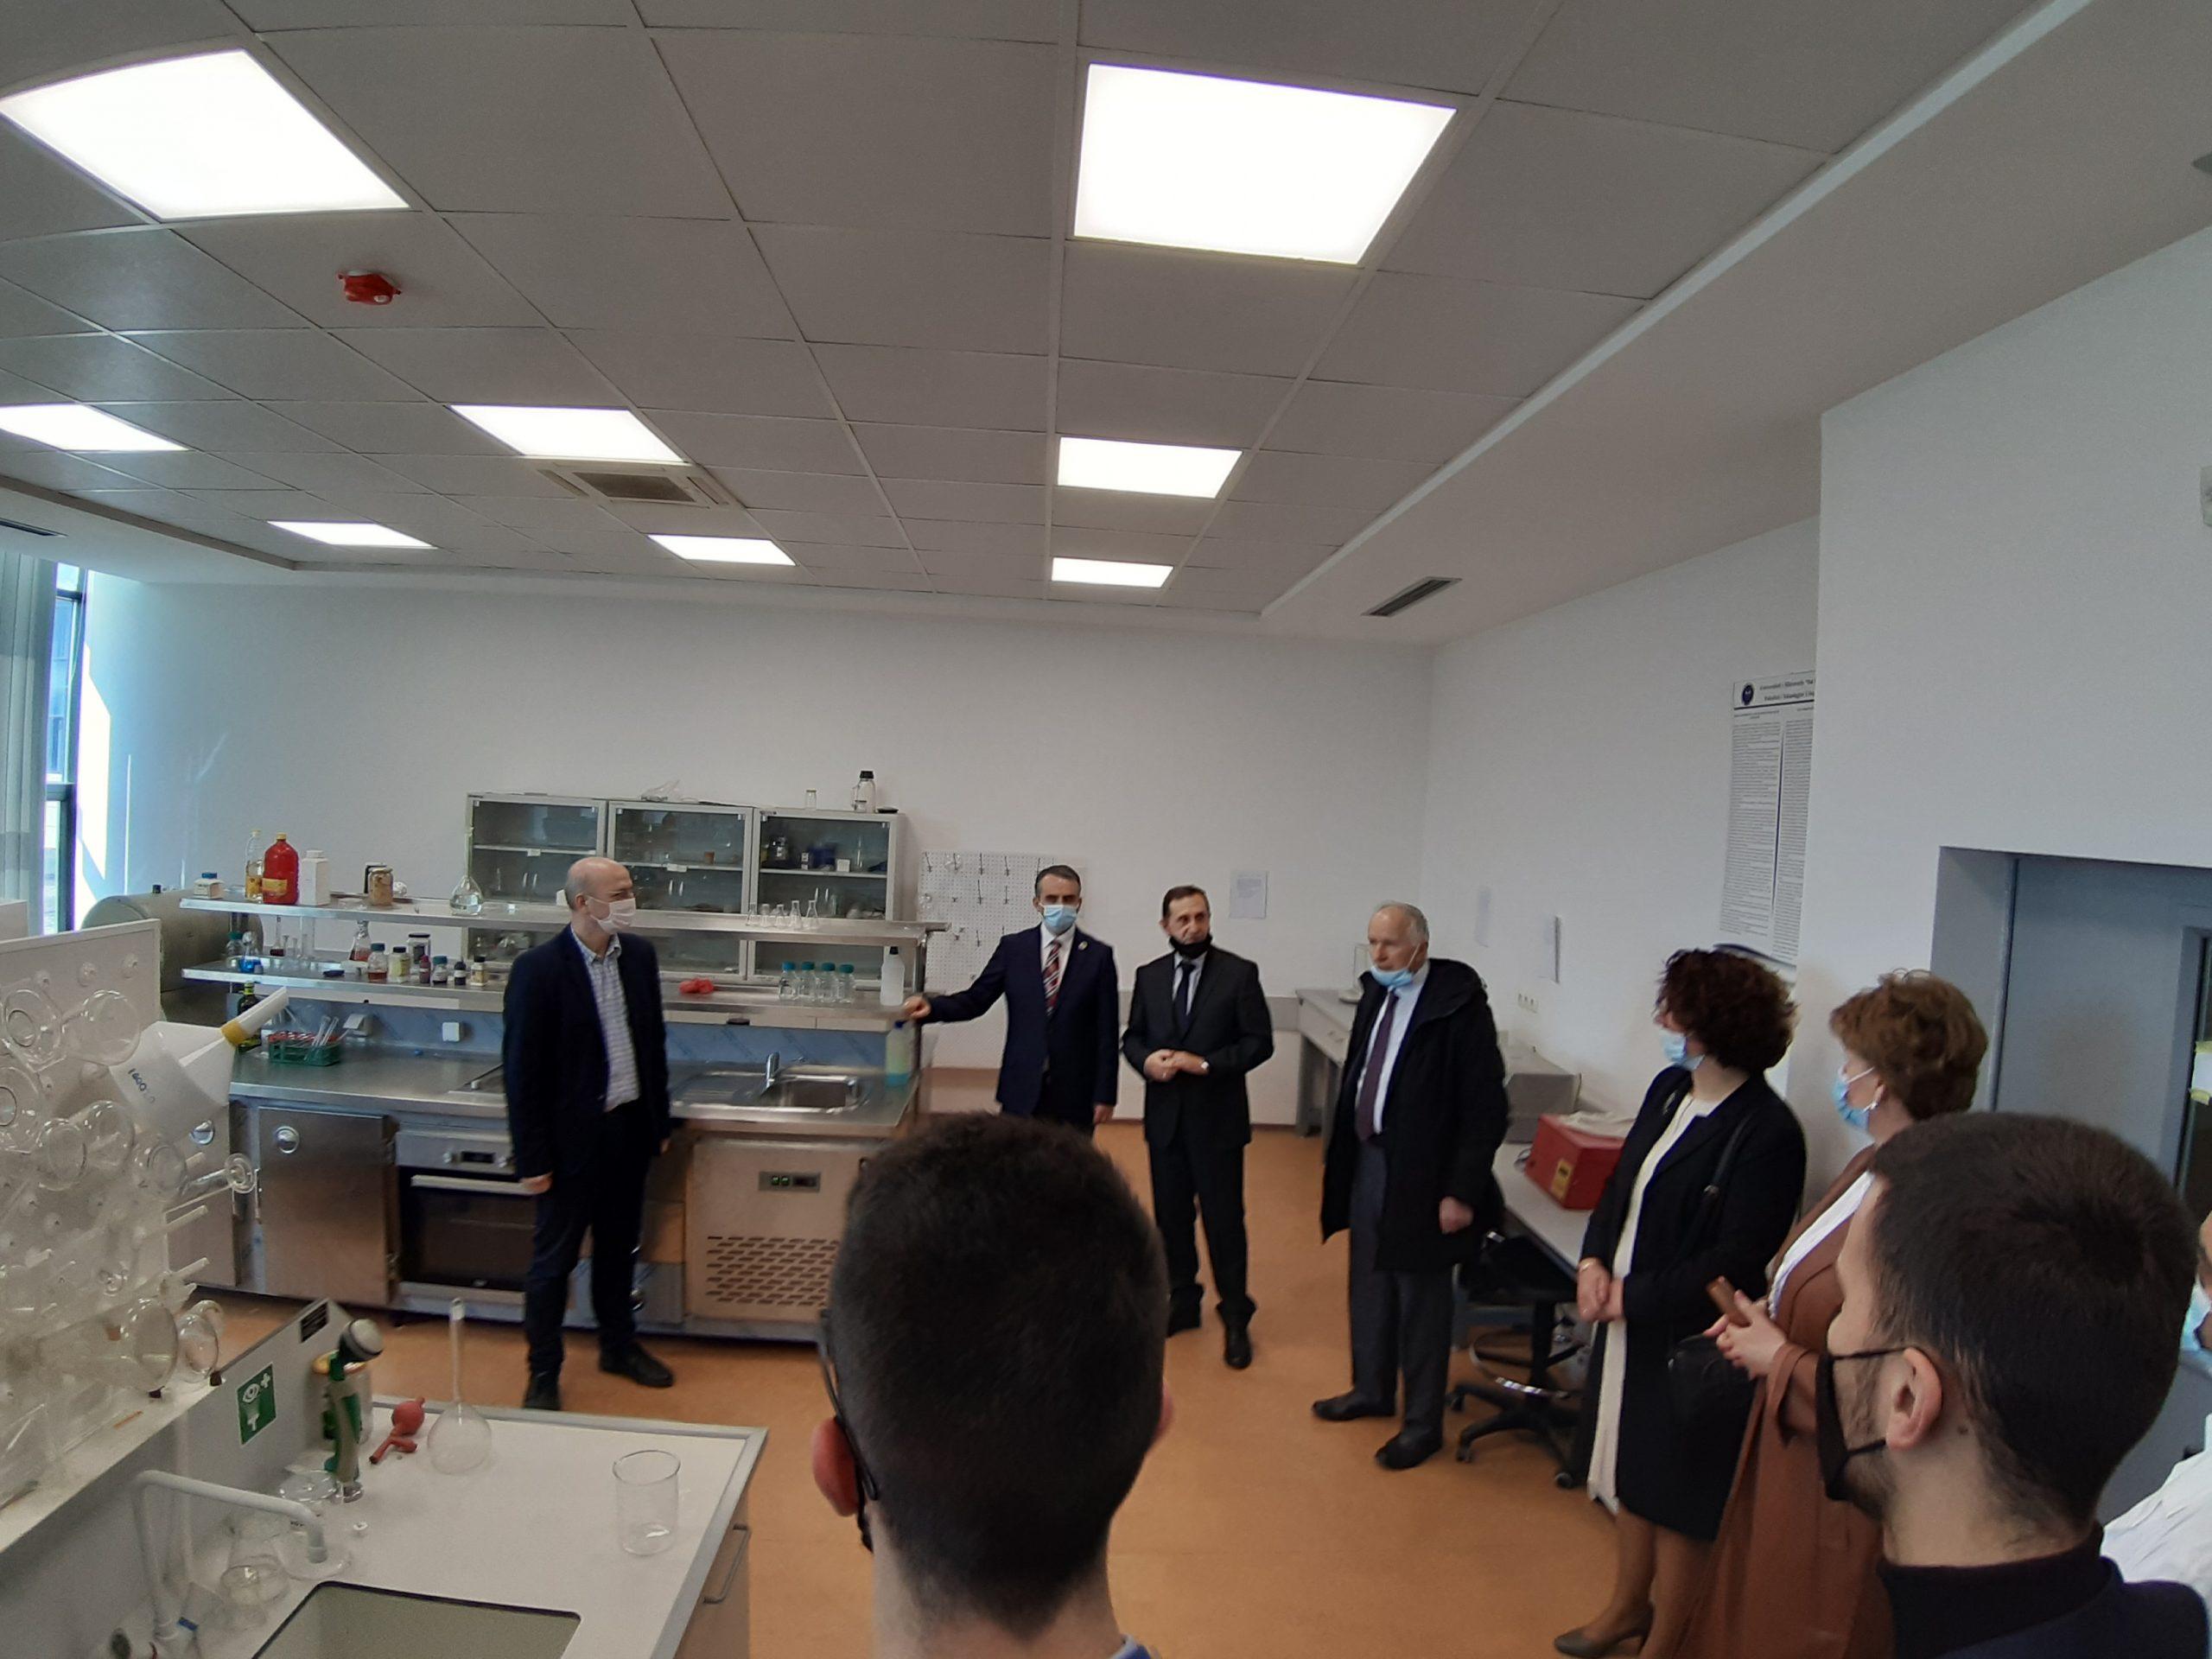 U përuruan pajisjet e reja në laboratorët e Fakultetit të Teknologjisë Ushqimore